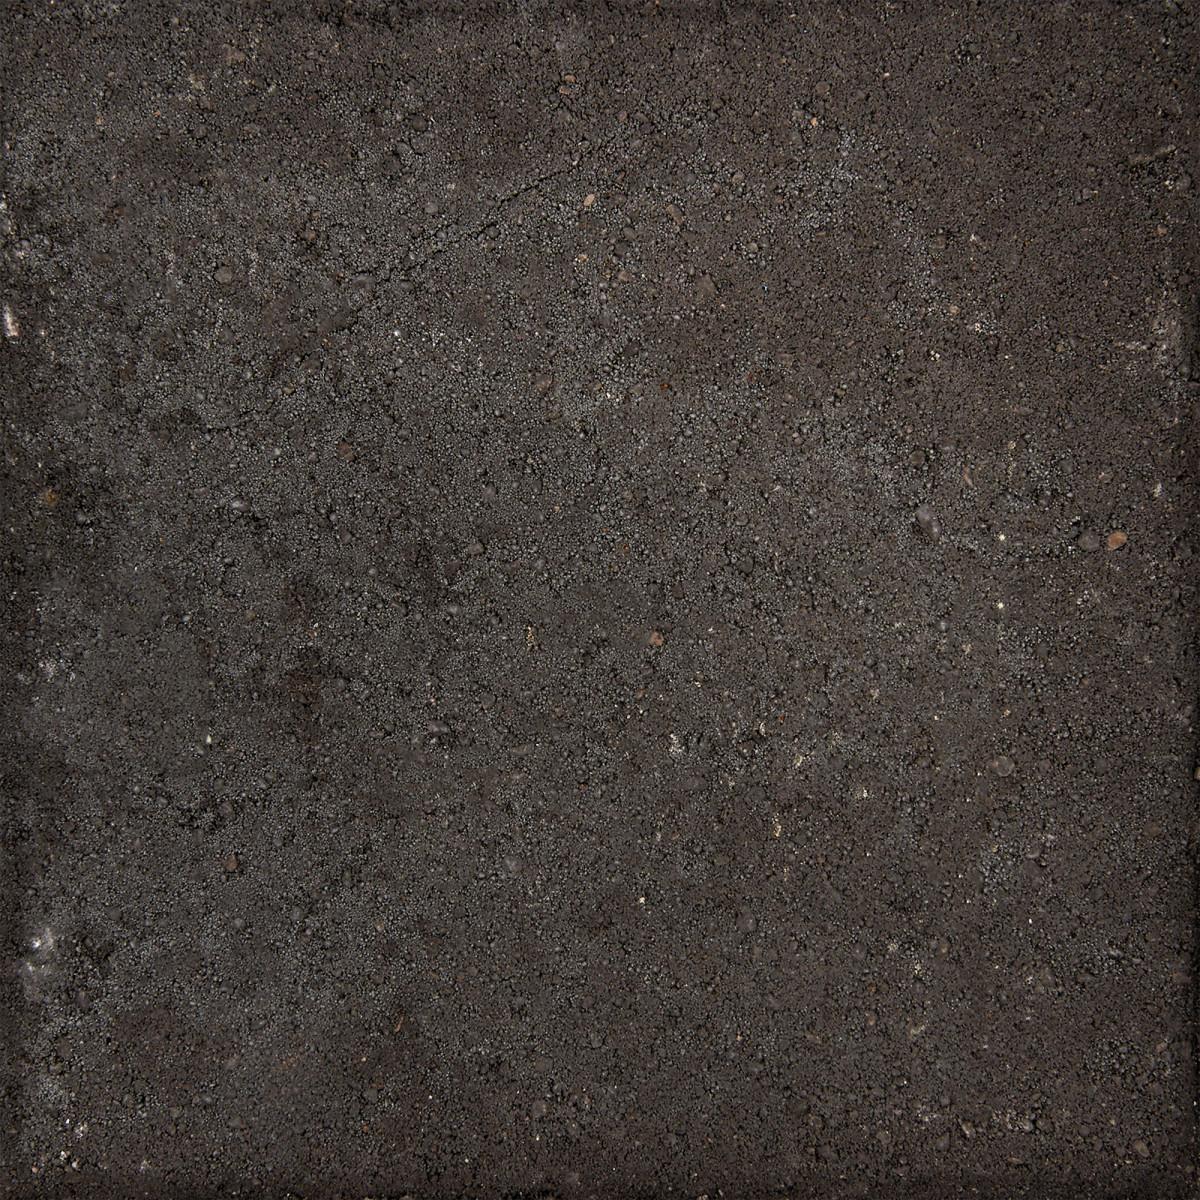 Плитка тротуарная вибропрессованная 300x300x60 мм цвет коричневый